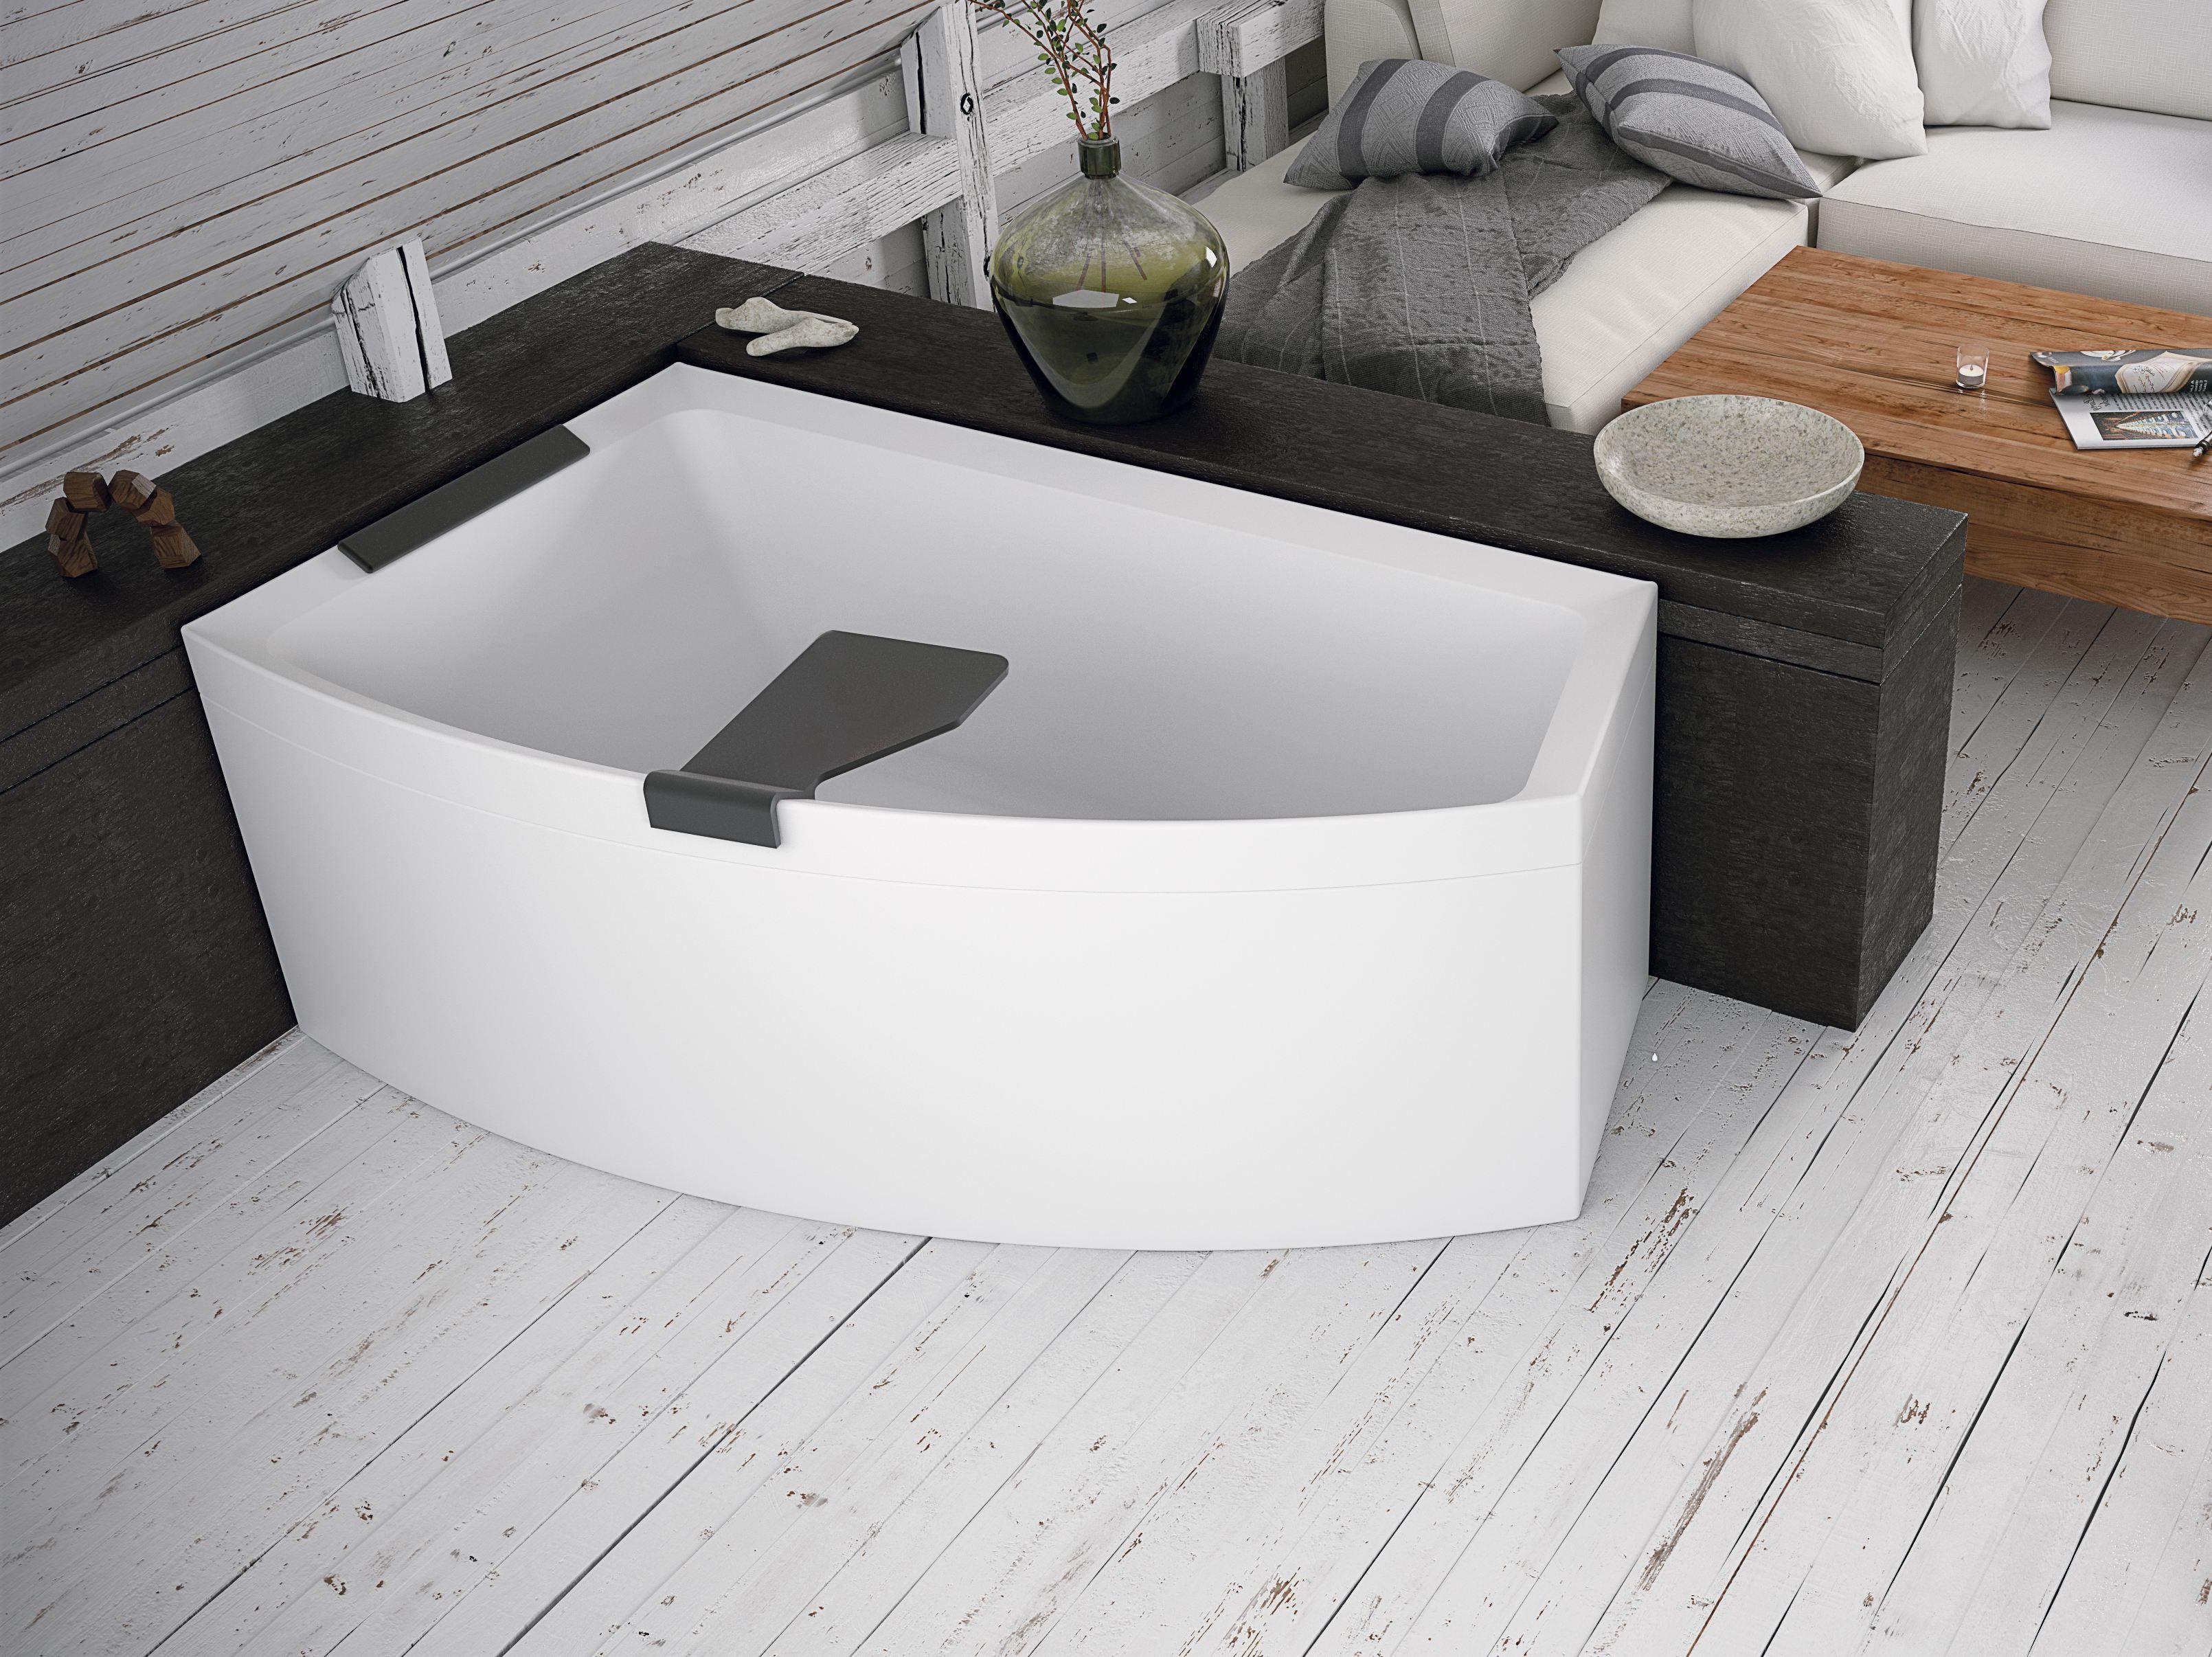 Vasca Da Bagno Angolare 100x100 : Vasche da bagno angolari. vasca da bagno angolare x cm basic made in